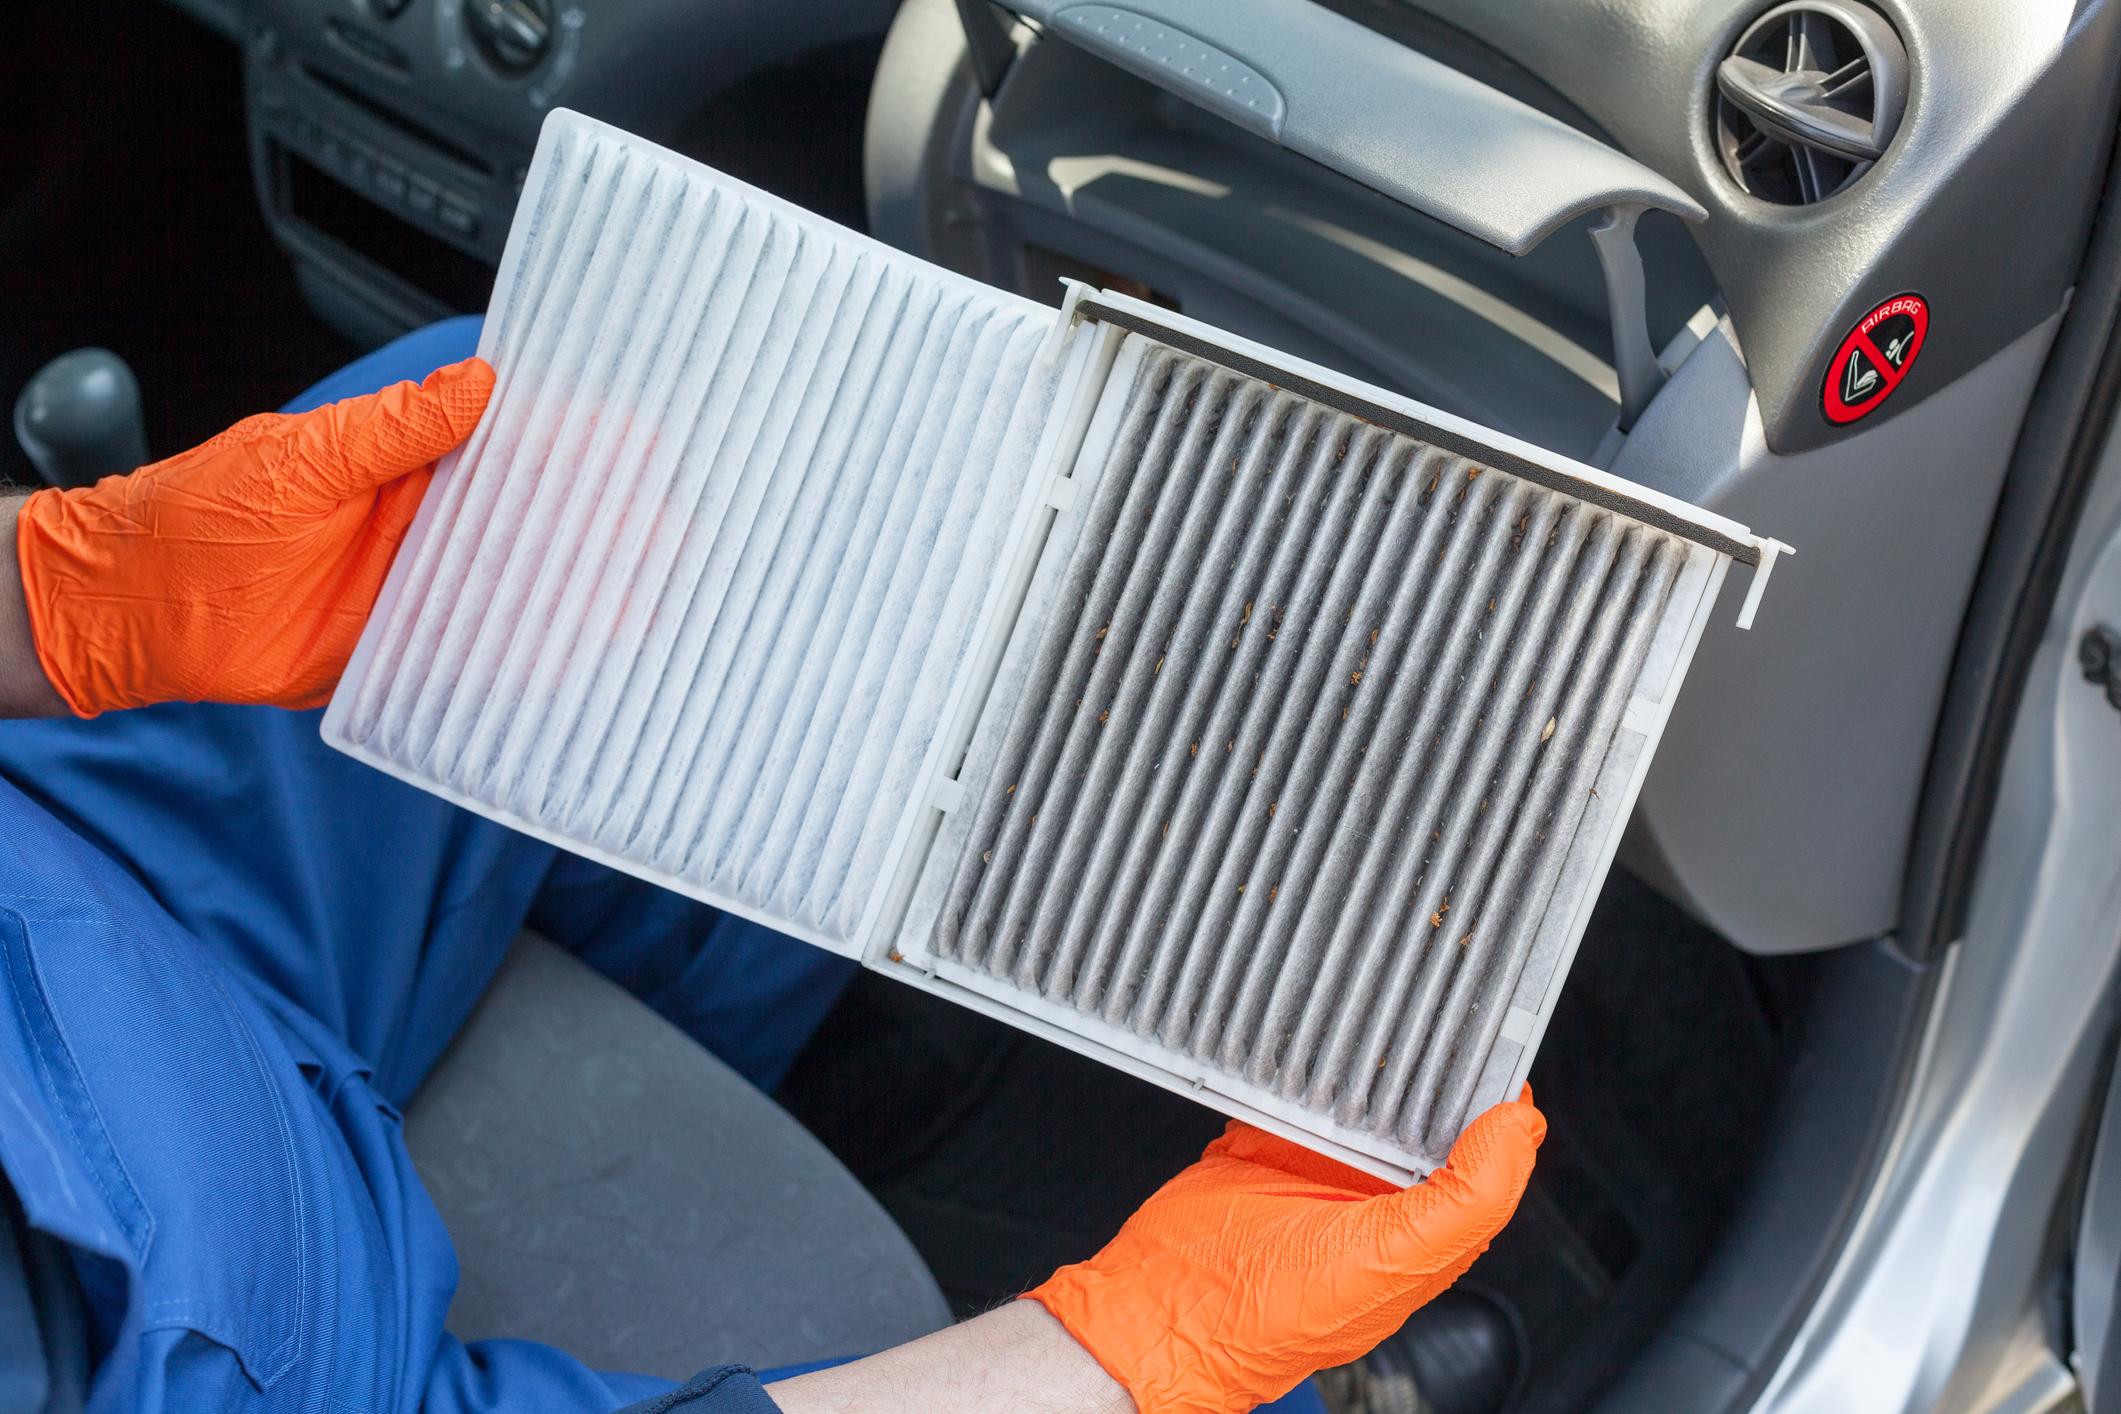 Servicio de reemplazo de filtro de aire de cabina en Chantilly, VA